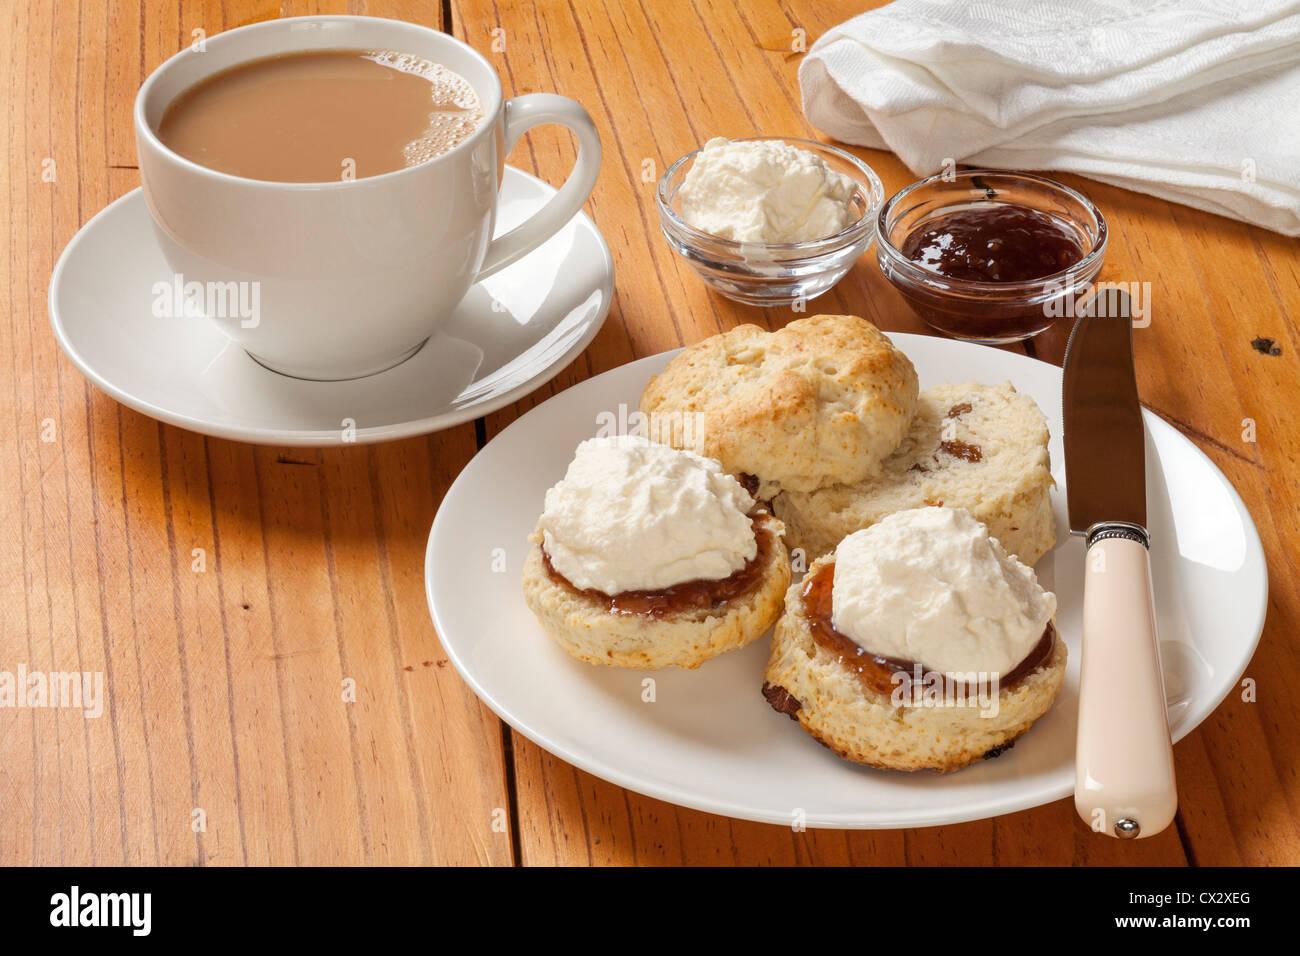 Devon tè alla crema, biscotti, marmellata, crema e una tazza di tè, su una vecchia tabella di pino. Immagini Stock